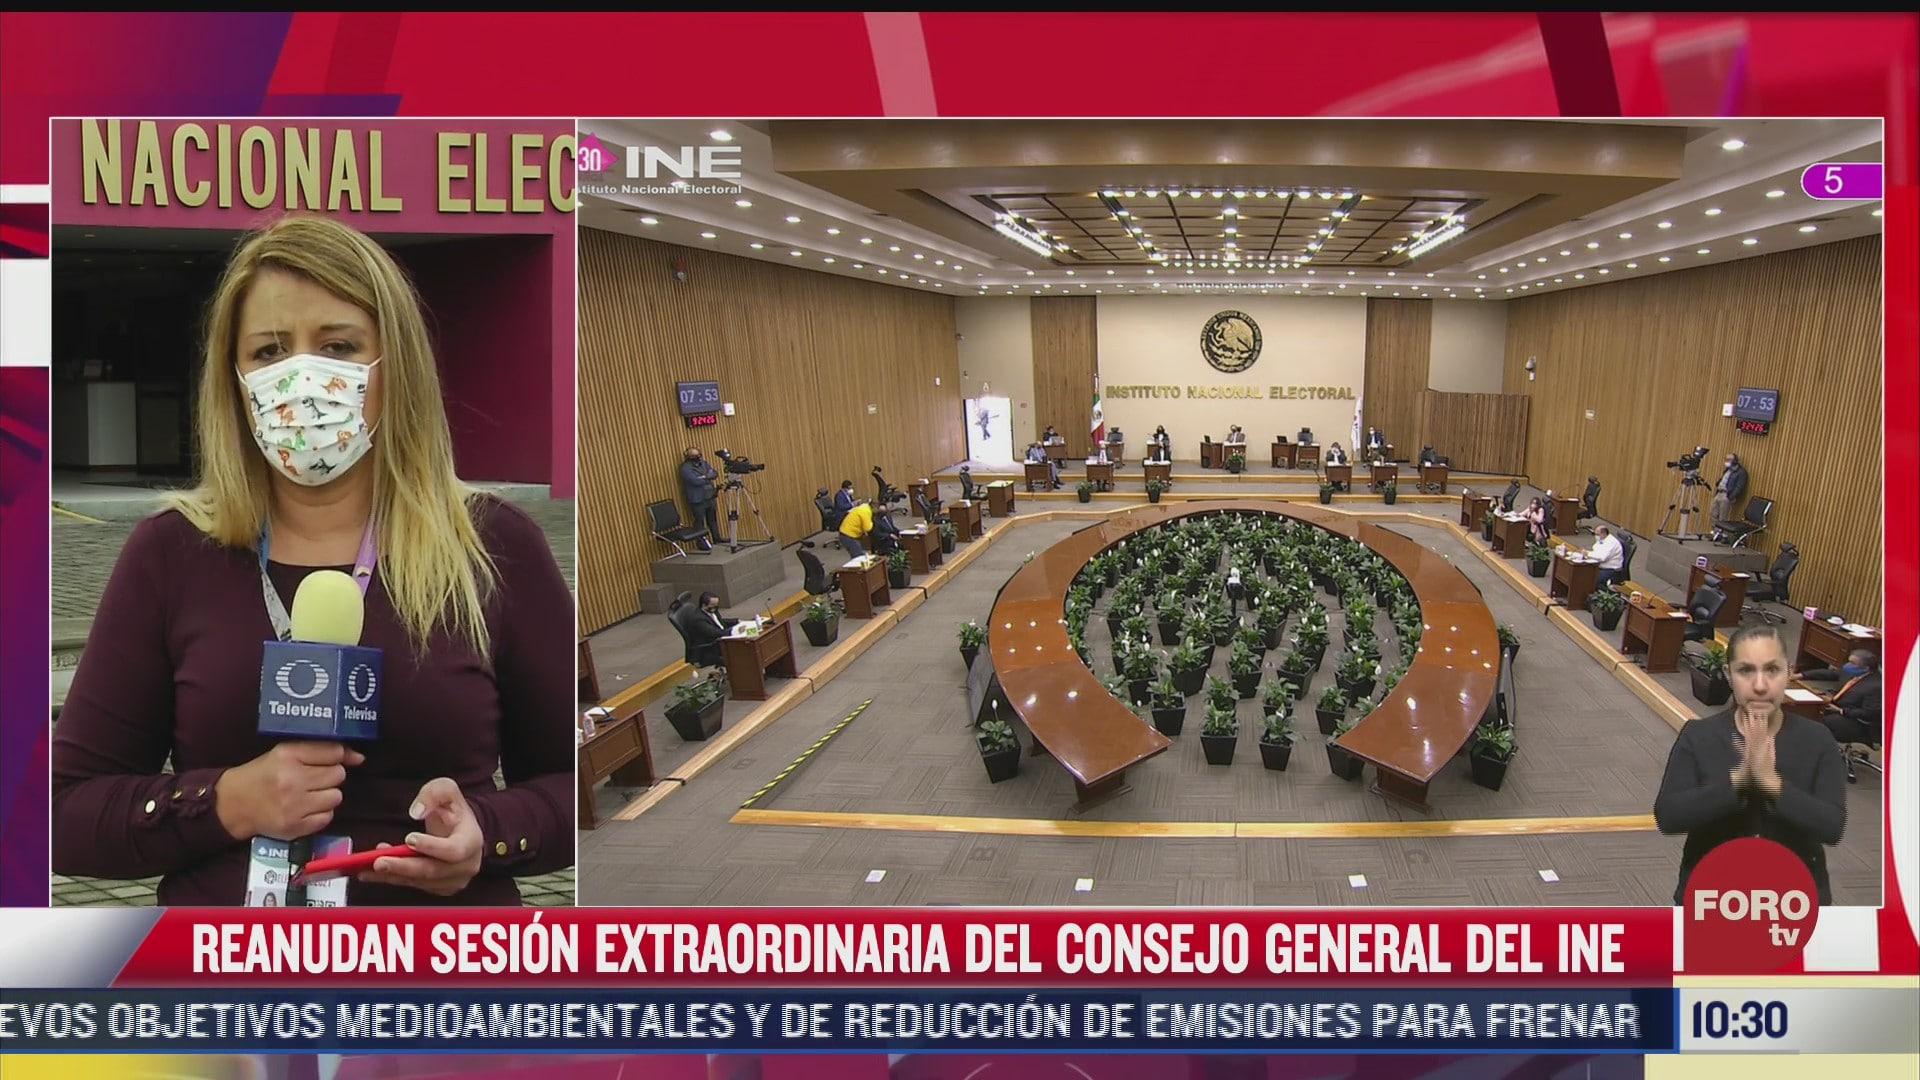 reanudan sesion extraordinaria del consejo general del ine